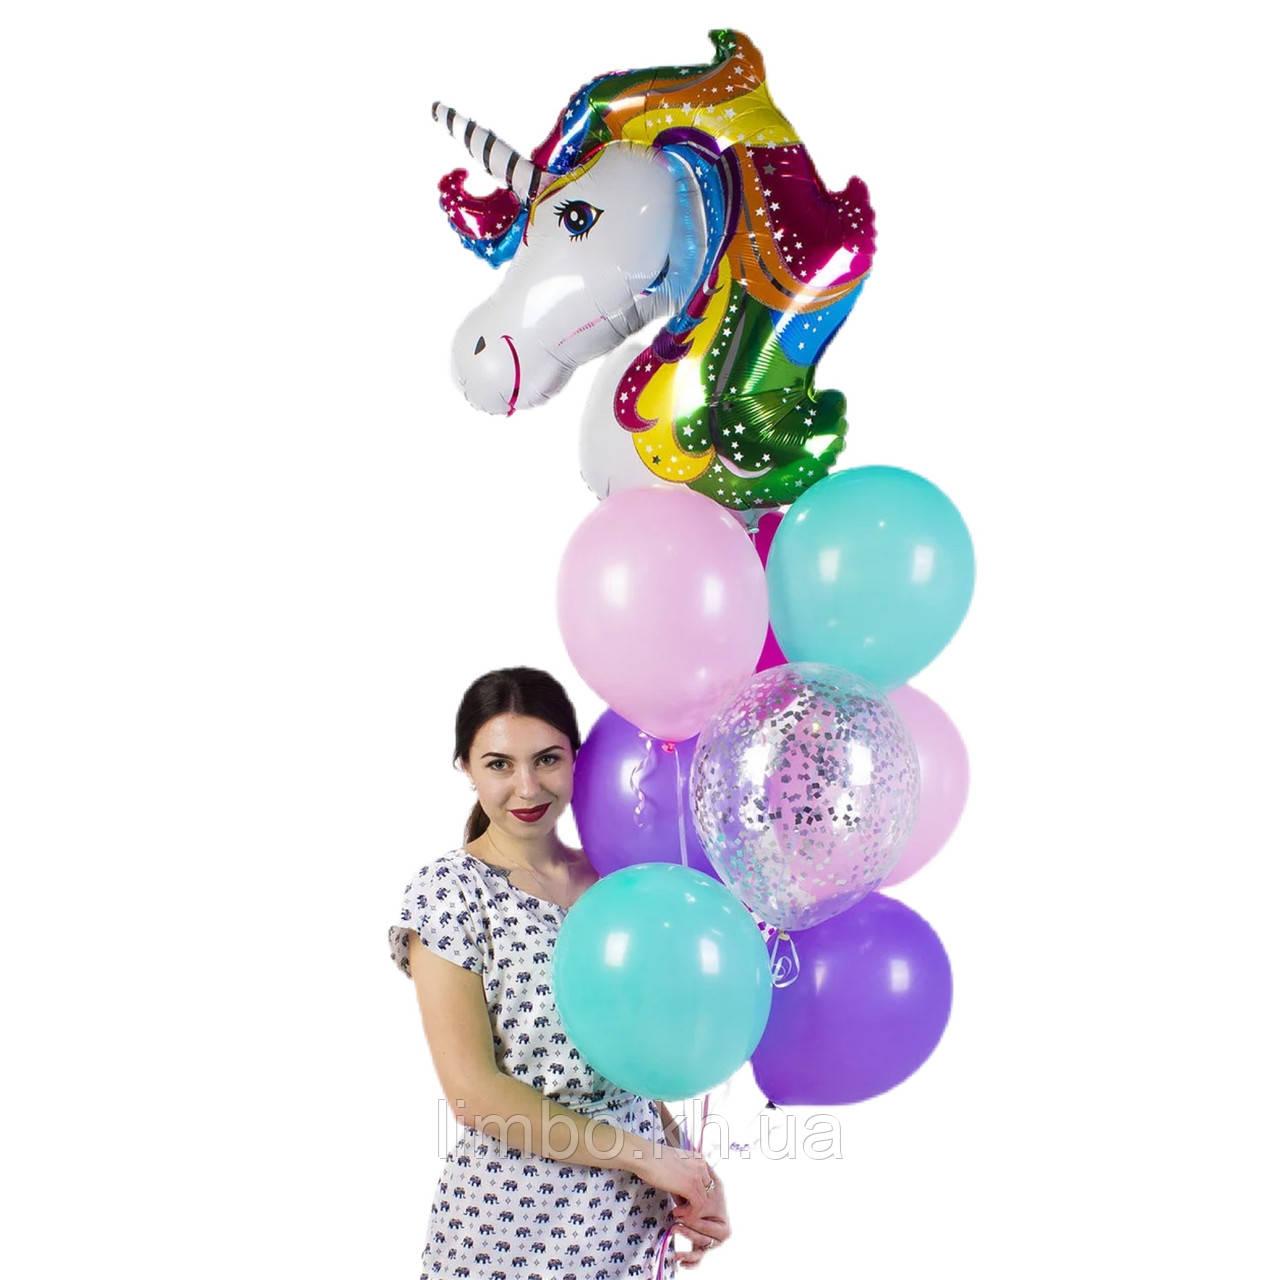 Кульки на ін дівчинці з фігурою Єдиноріг